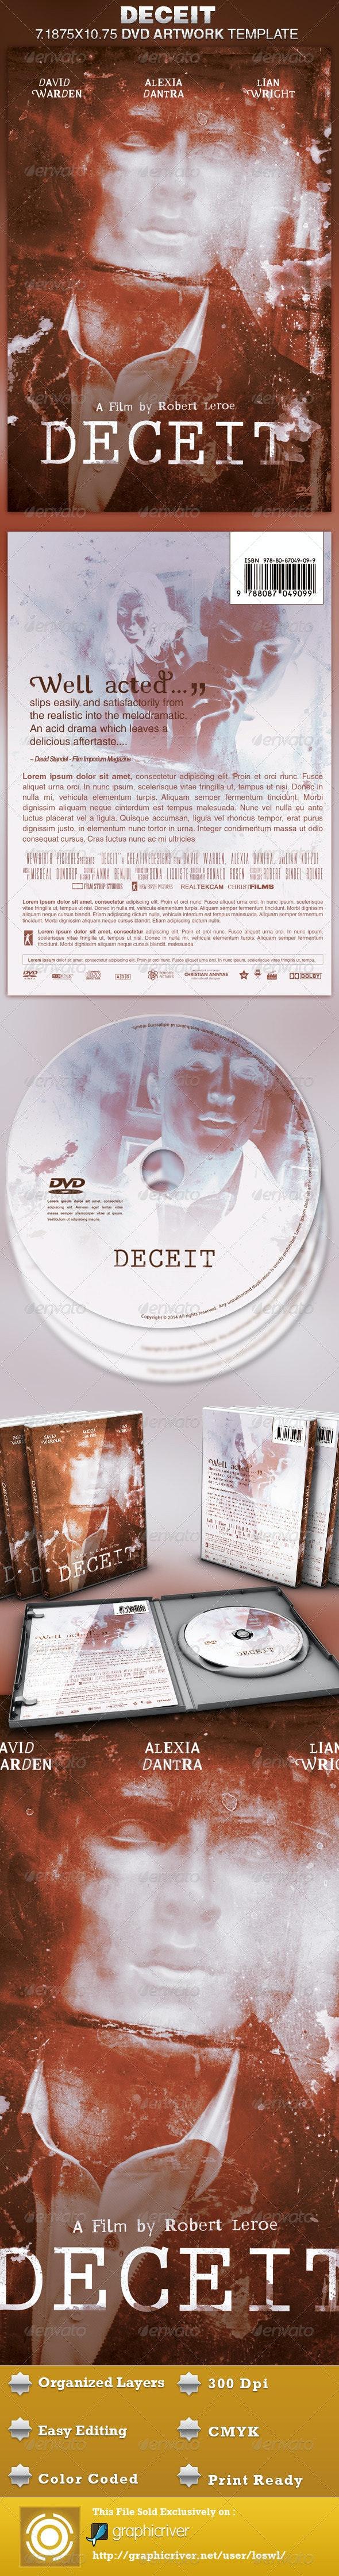 Deceit DVD Artwork Template - CD & DVD Artwork Print Templates